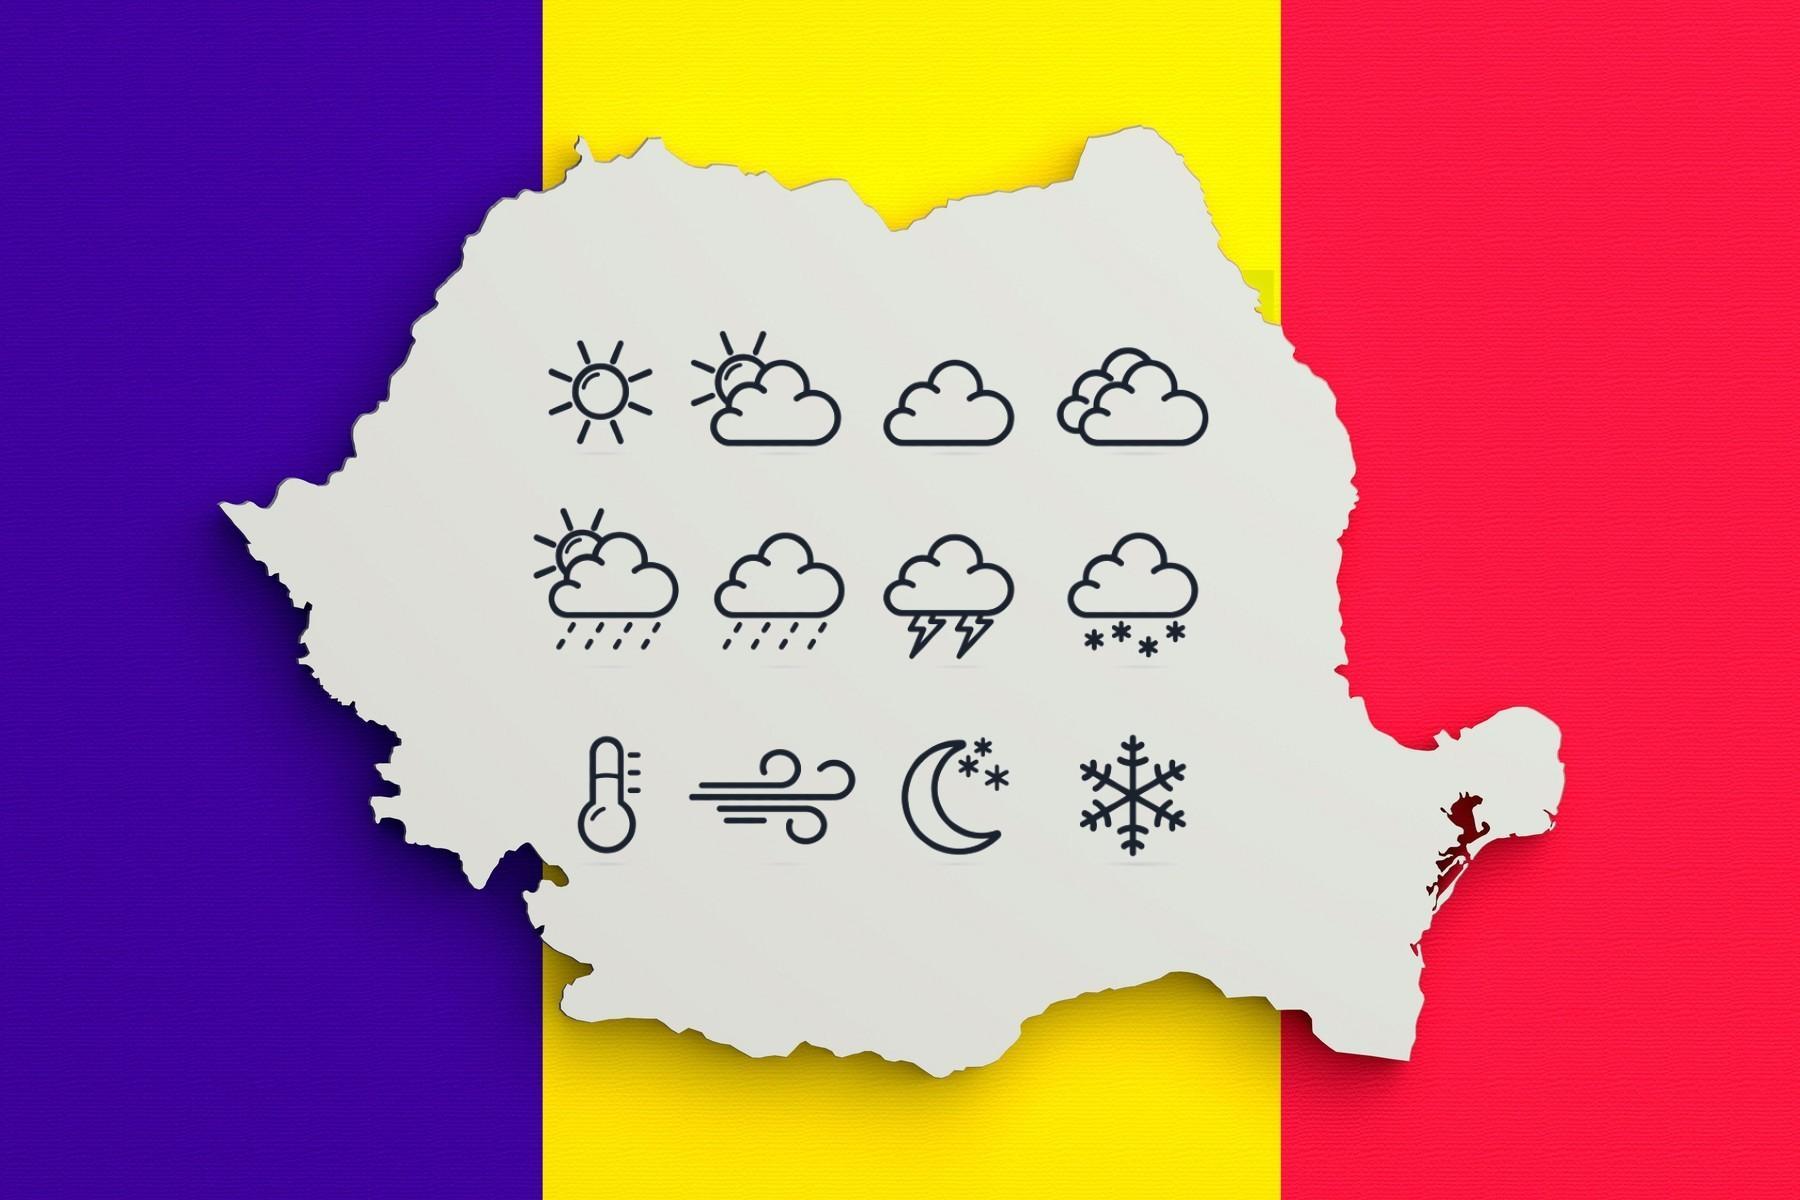 Prognoza Meteo, 11 mai 2021. Cum va fi vremea în România și care sunt previziunile ANM pentru astăzi